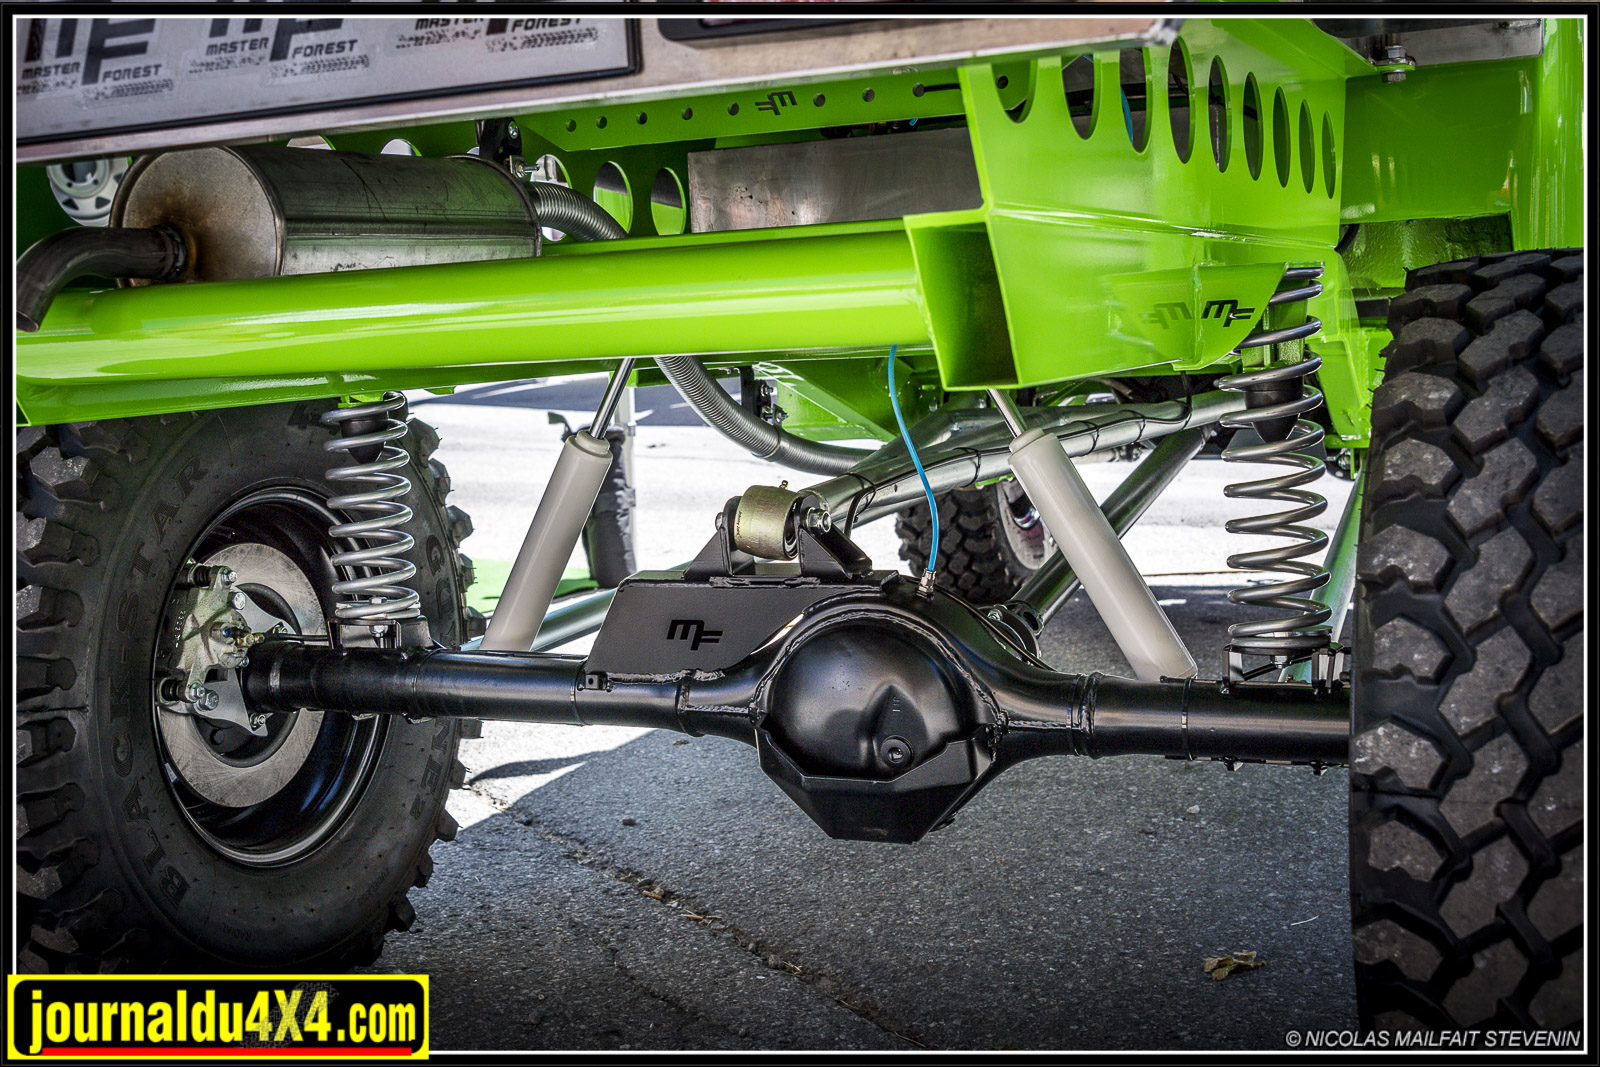 Le pont arrière de Jimny avec le kit de transformation pour ressorts hélicoïdaux et amortisseurs +150 mm, de nouveaux tirants (silent bloc / rotule), un triangle central sur rotule avec ses points d'ancrage (pont et châssis)